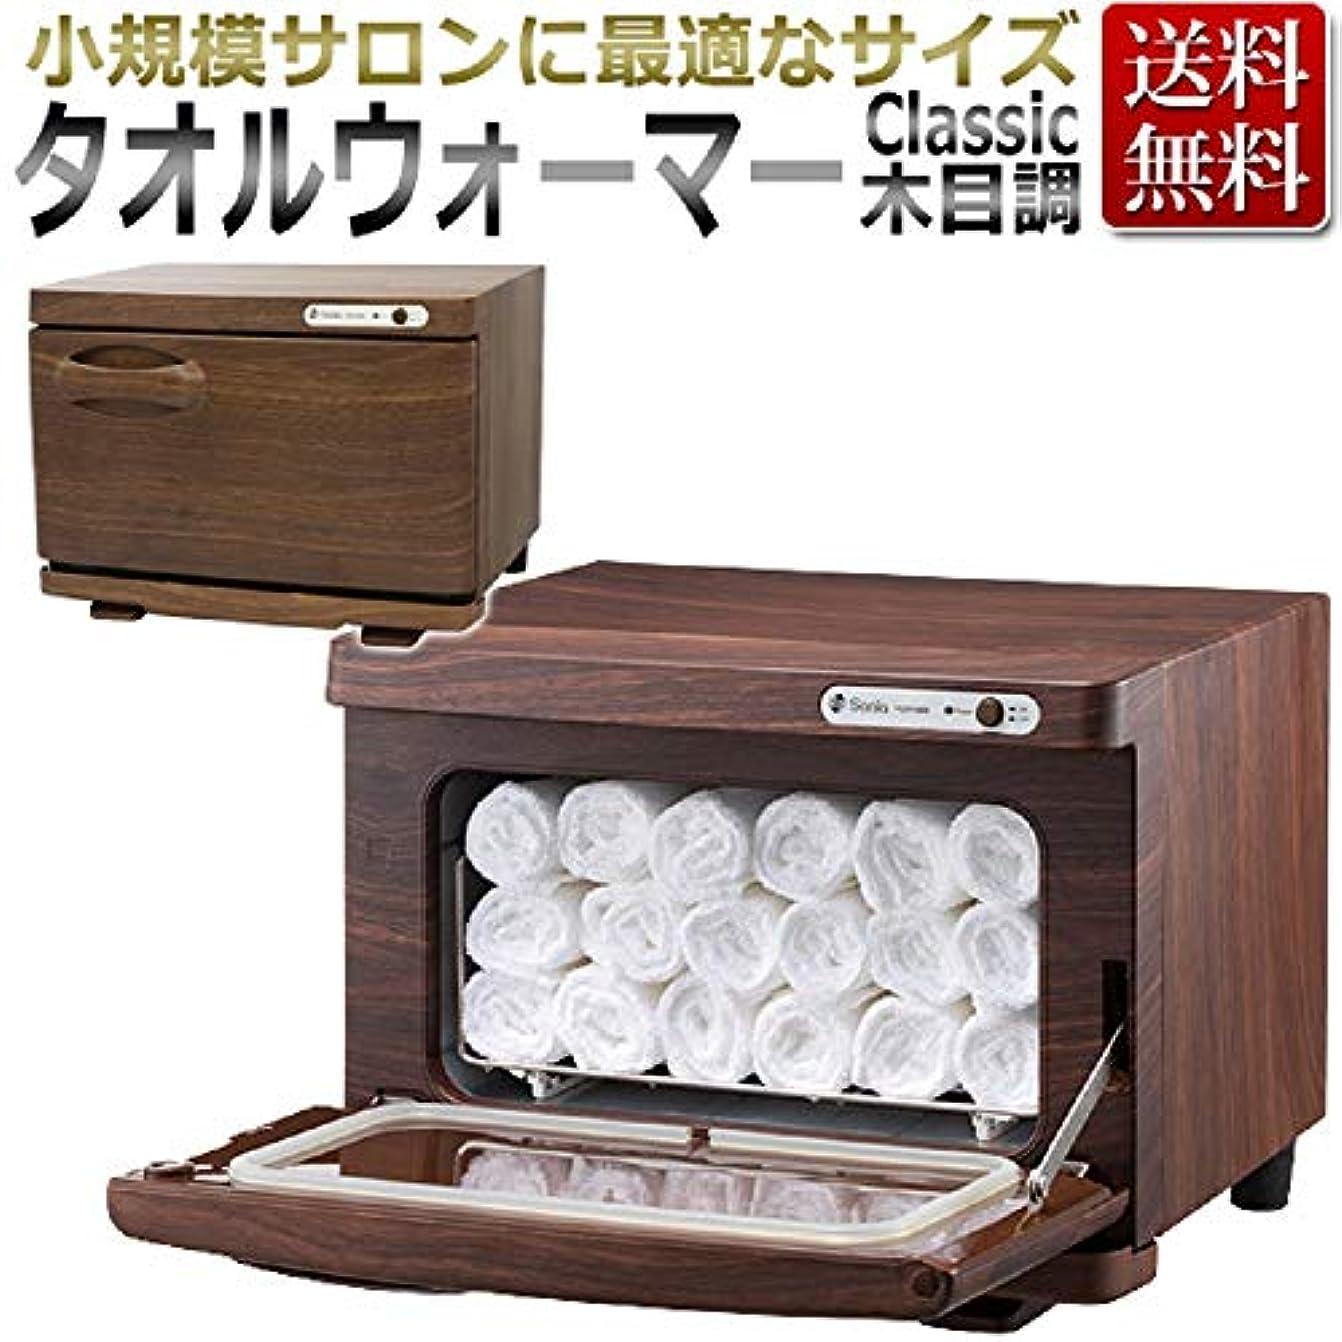 熟読雲検体タオルウォーマー Classic 木目調 ホットキャビ / 7.5リットル